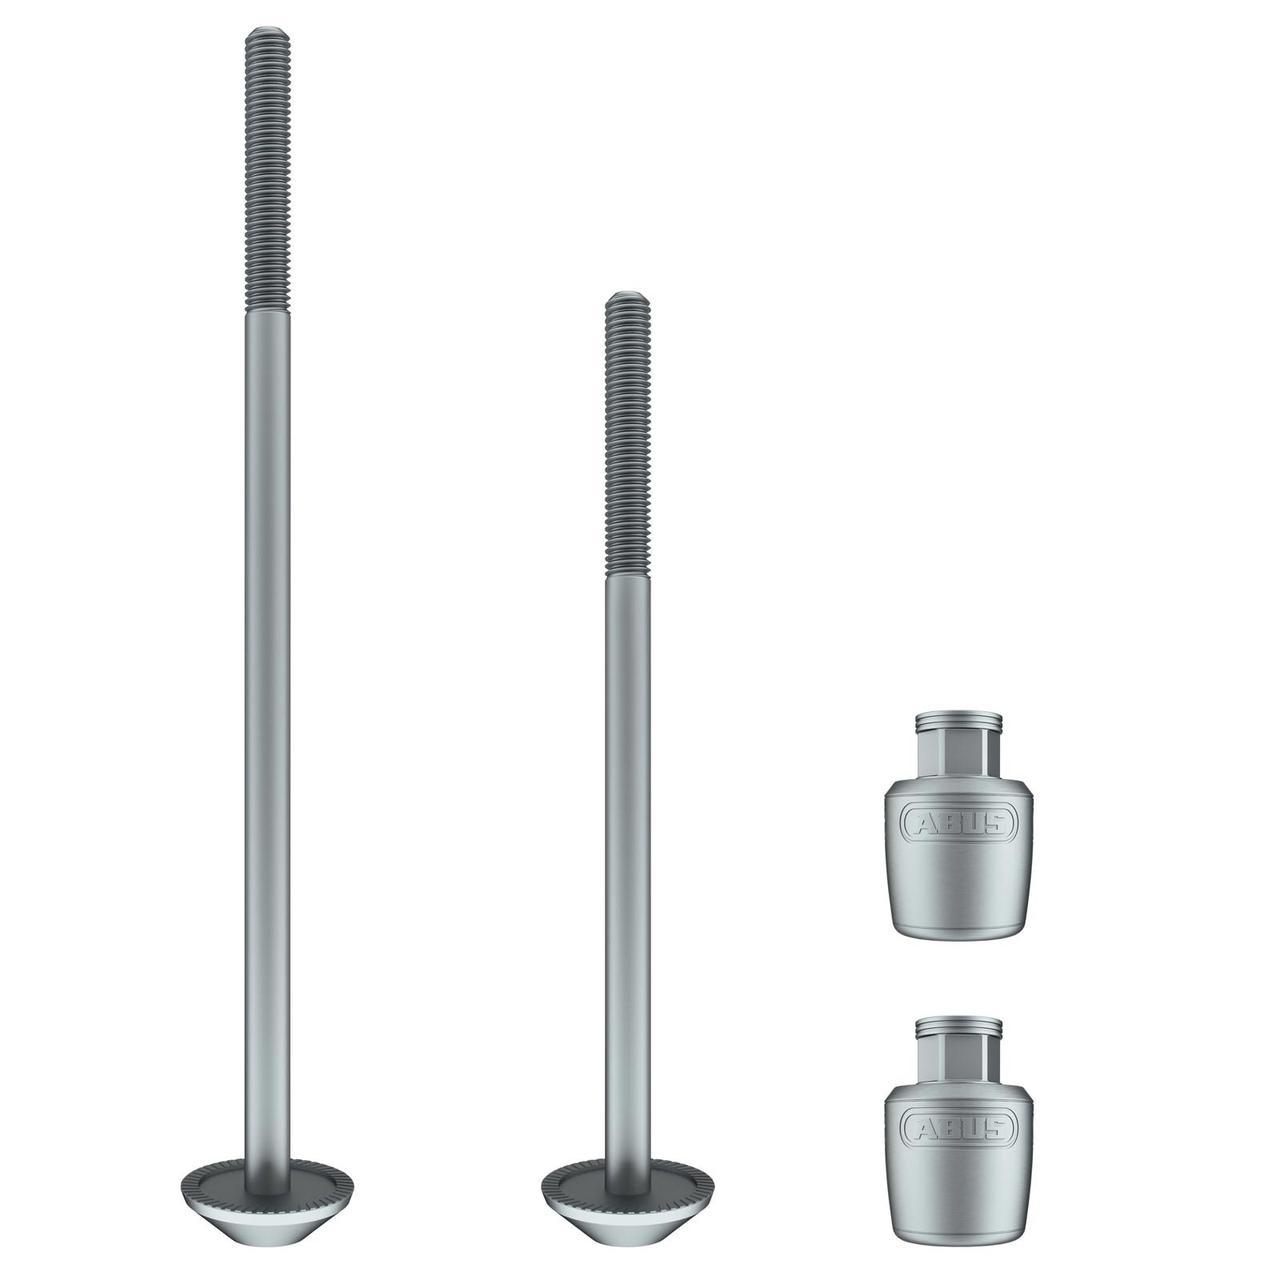 Набор осей с гайками-секретками ABUS NutFix Axle Set 100 mm/135 mm x M5 Silver 2 (Набір, дві осі)